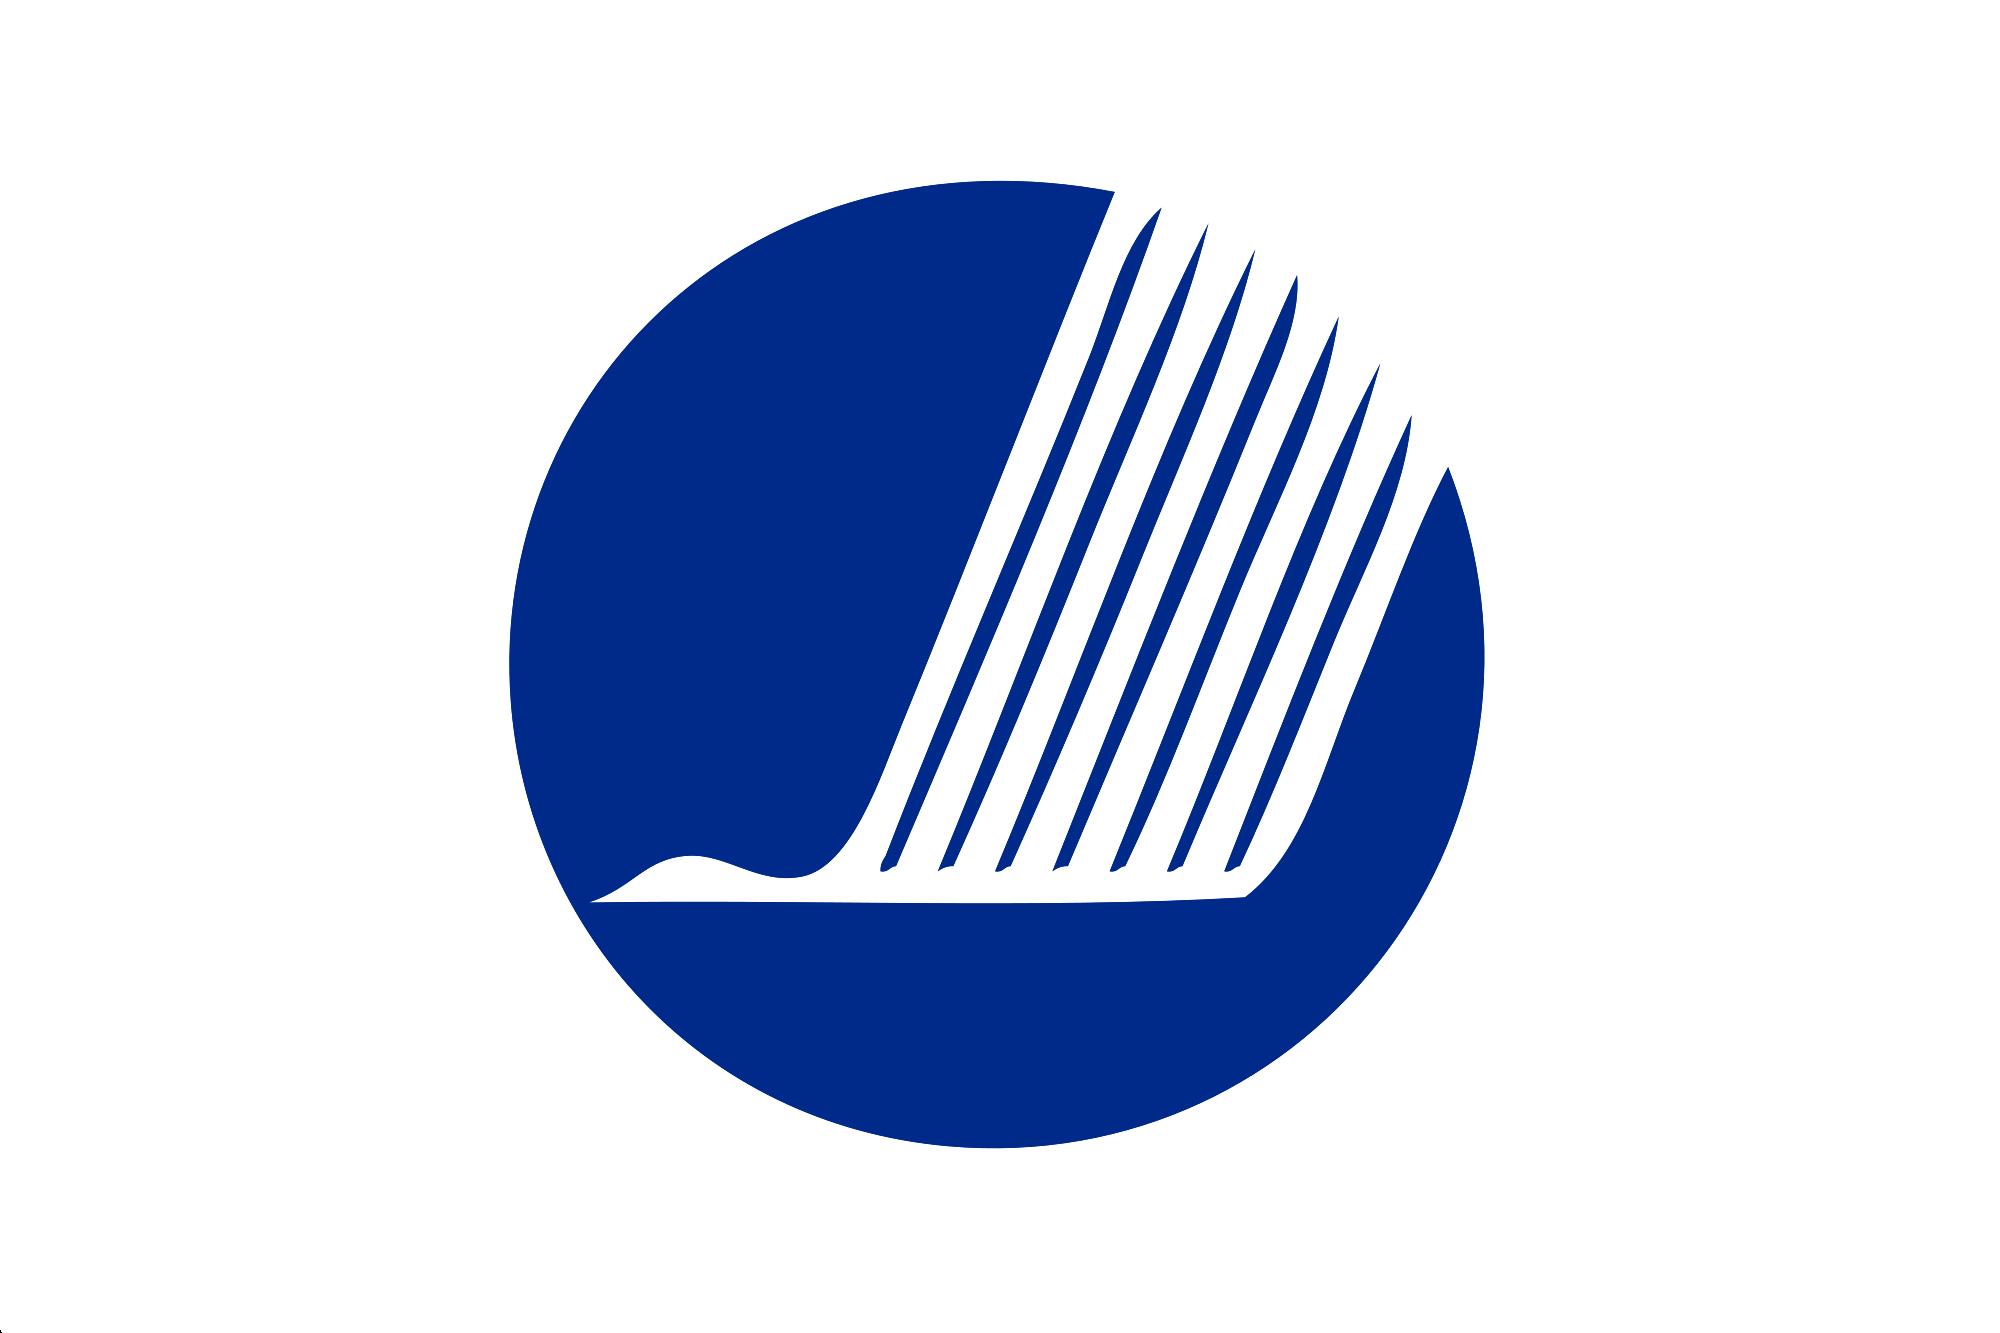 Nordic Union (1983: Doomsday)